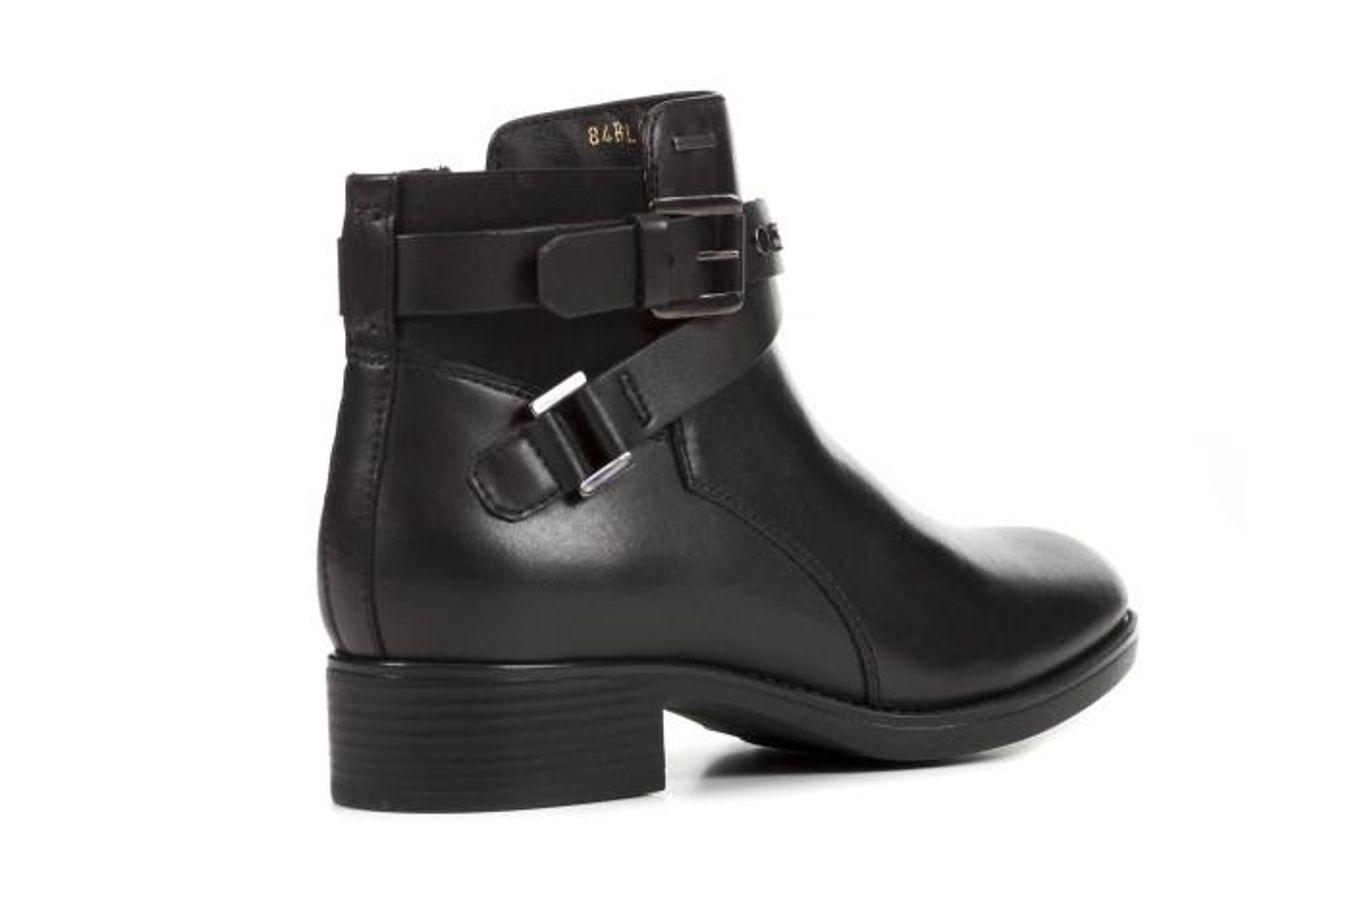 Mua Boots Nữ Geox D Felicity NP ABX B Màu Đen Size 35 Geox Mua tại Vua Hàng Hiệu 8058279486270